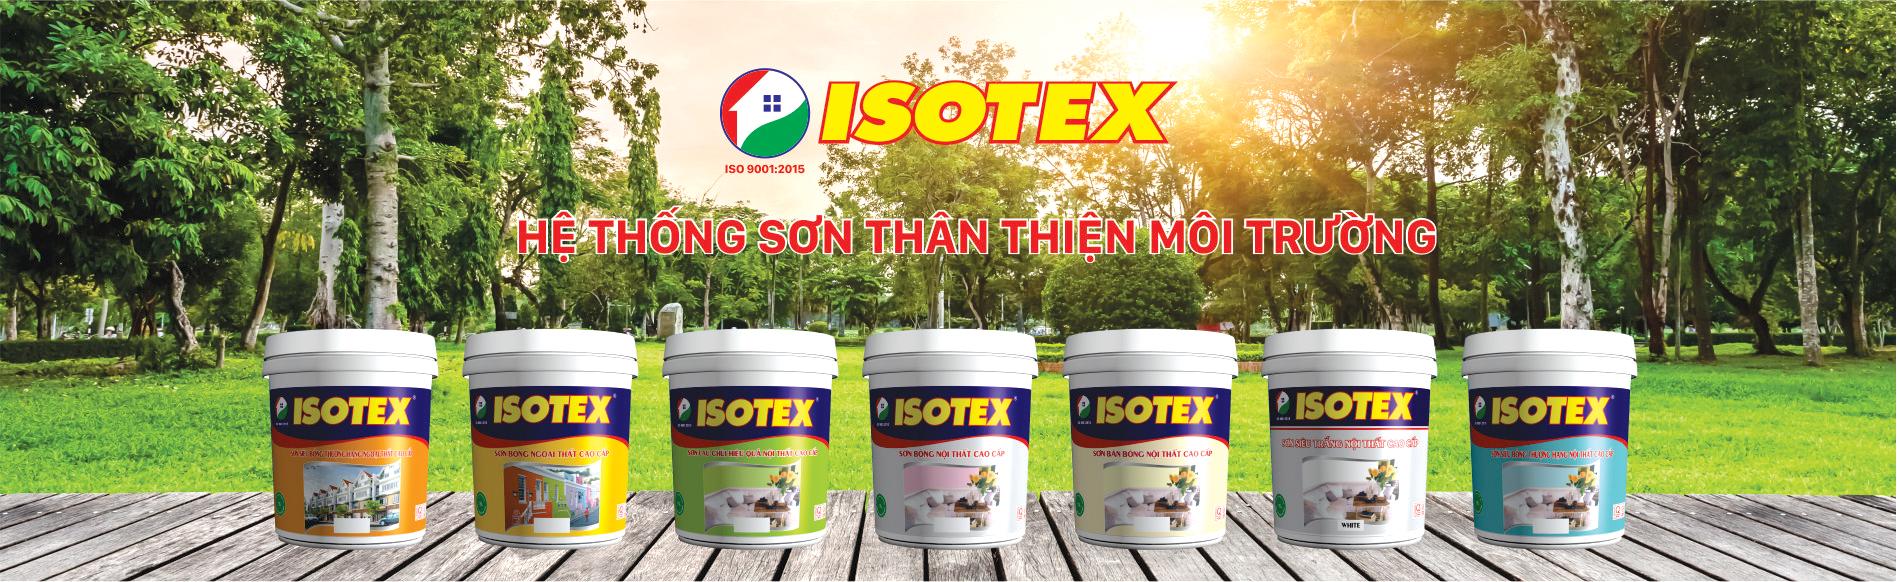 Kết quả hình ảnh cho sơn isotex